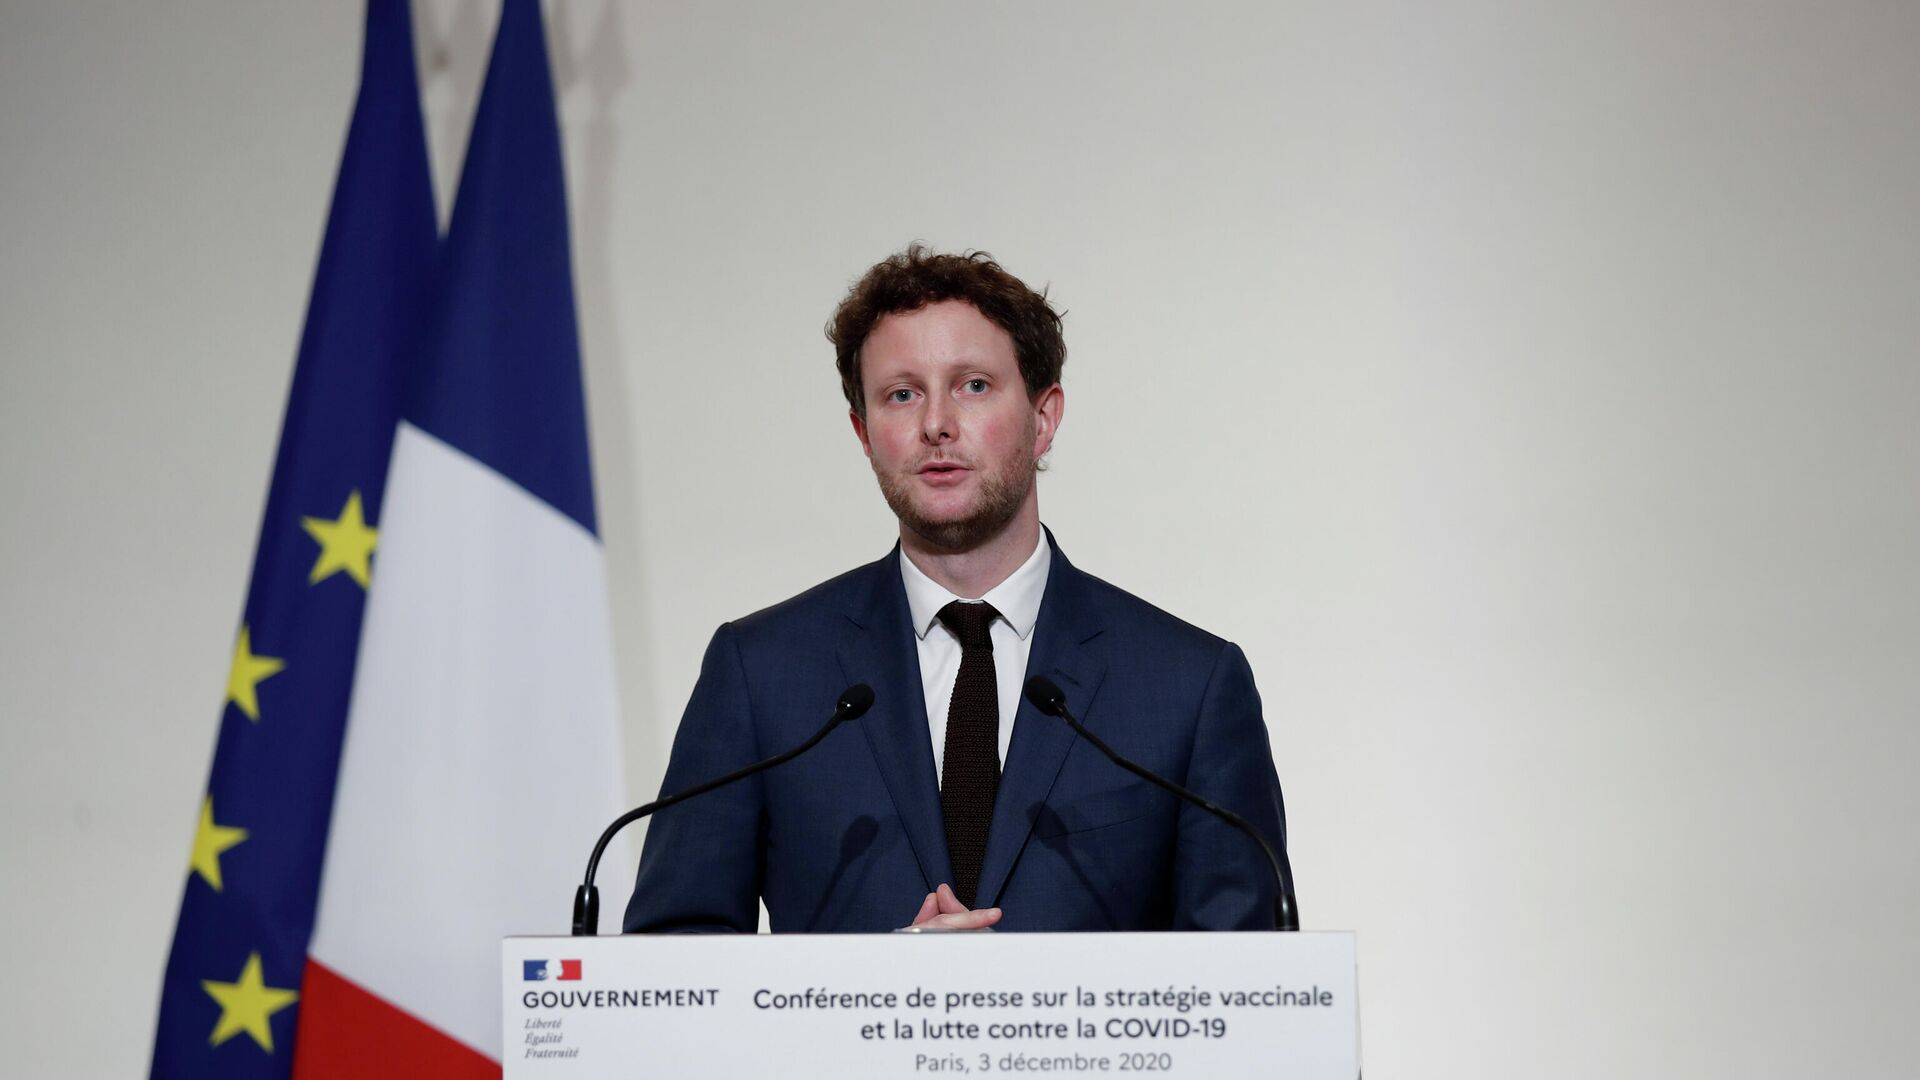 Clément Beaune, Staatssekretär für europäische Angelegenheiten beim französischen Außenamt (Archiv) - SNA, 1920, 13.04.2021